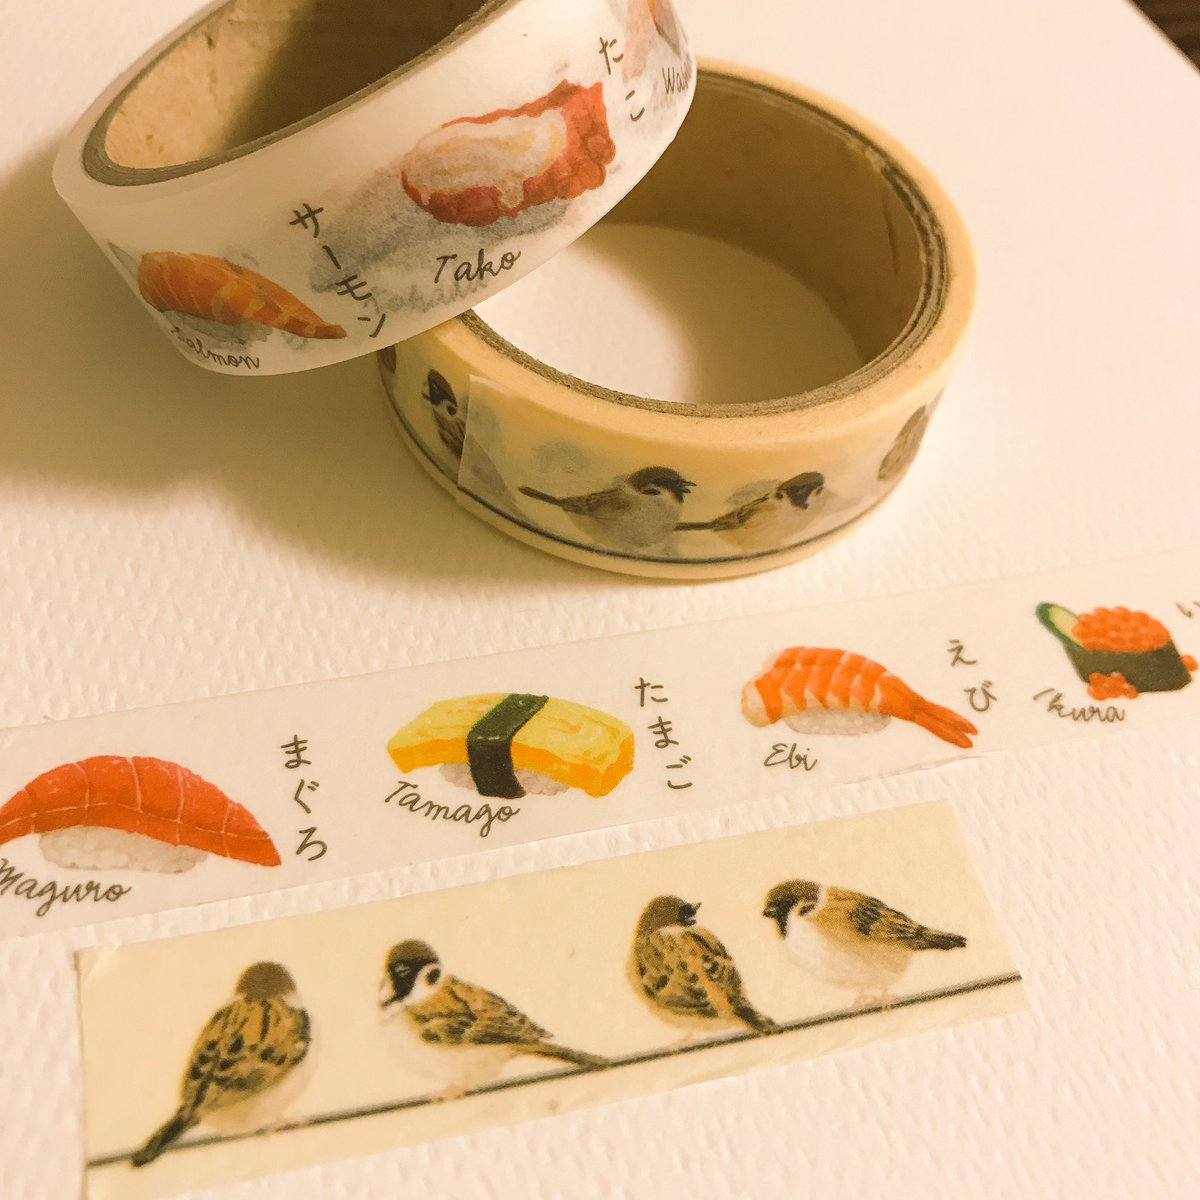 test ツイッターメディア - キャンドゥの すずめとお寿司 マスキングテープ  かわいい(°д°)   #キャンドゥ #百均 #マスキングテープ https://t.co/WMEs512qeR